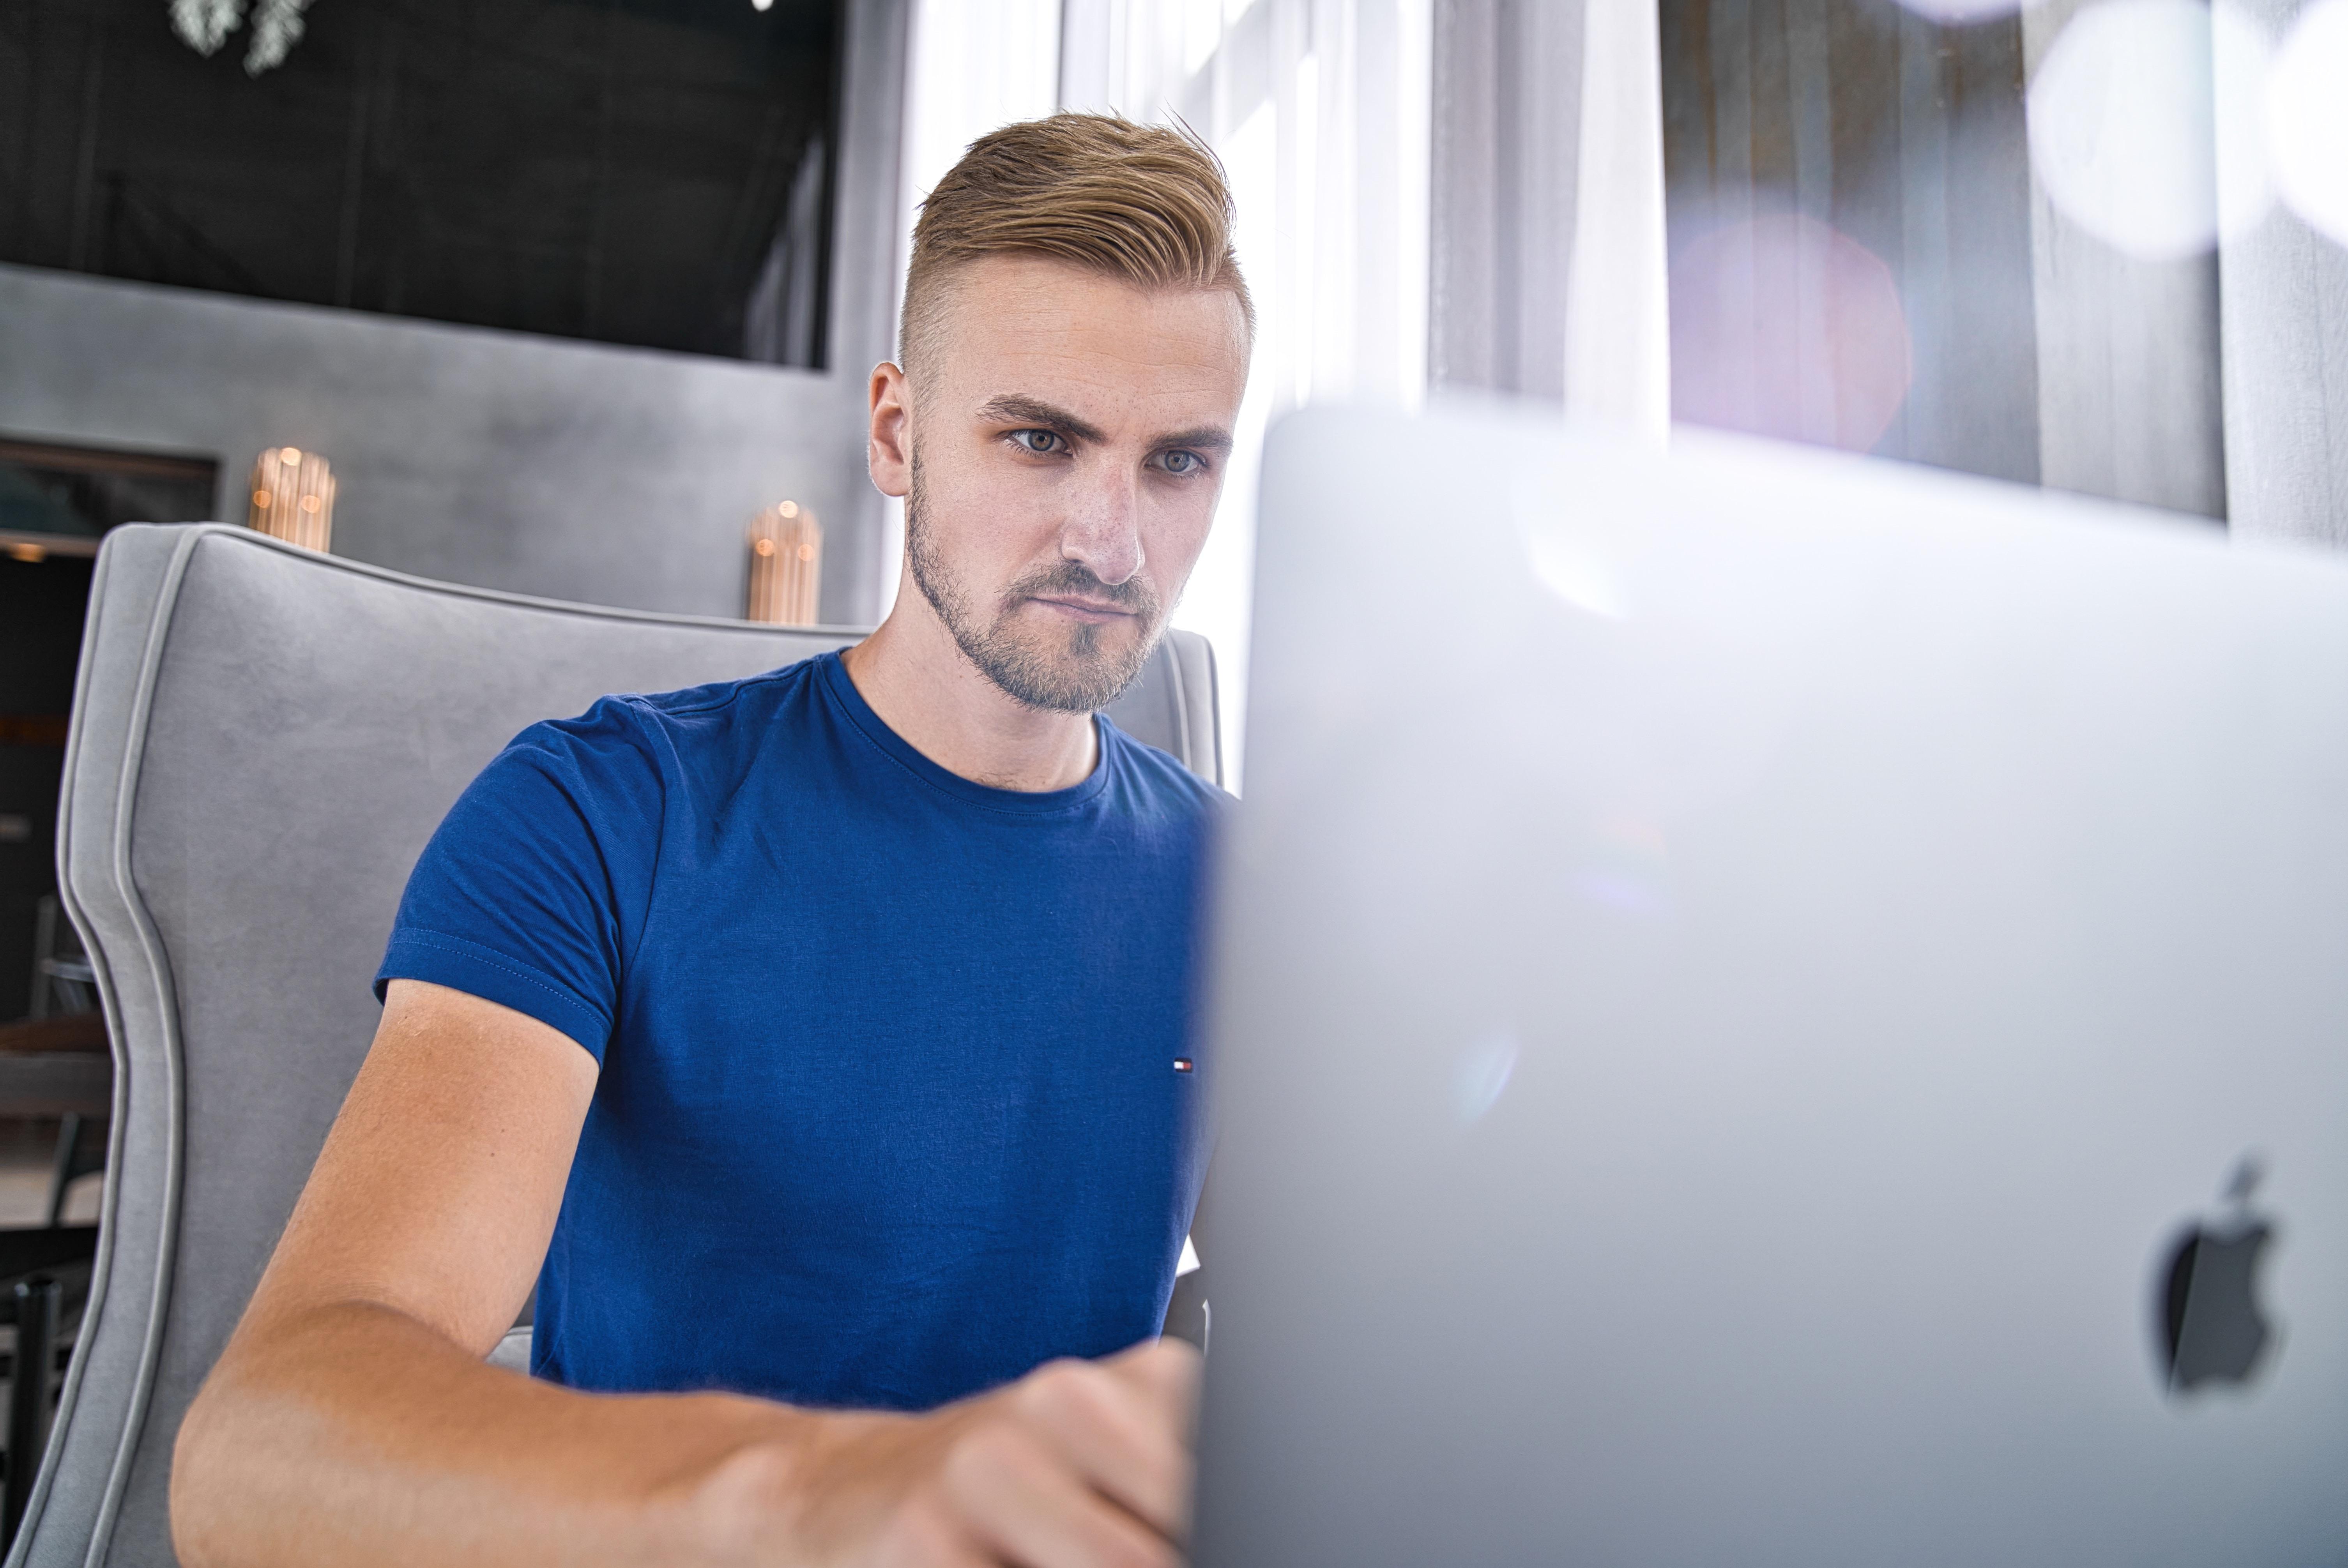 「プログラミングは独学が無理」は嘘【結論、仕事にすれば覚える】